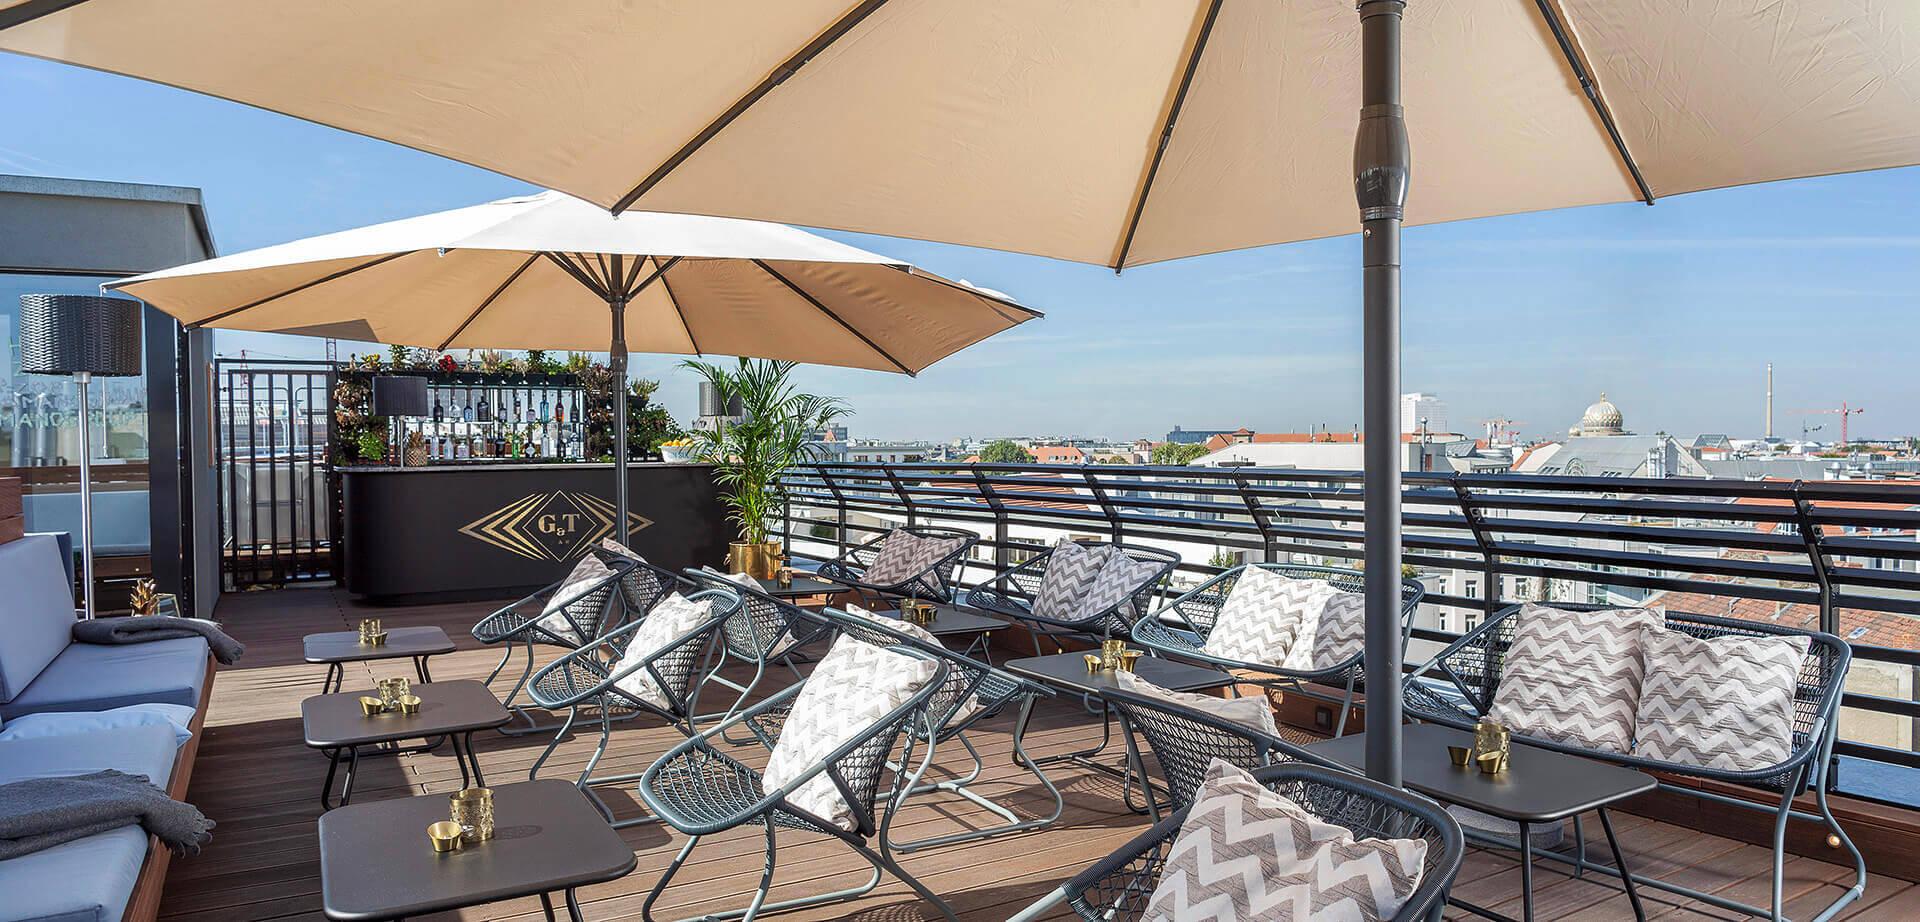 Hotel-ZOE-Dachterrasse-Rooftop-Terrace-1